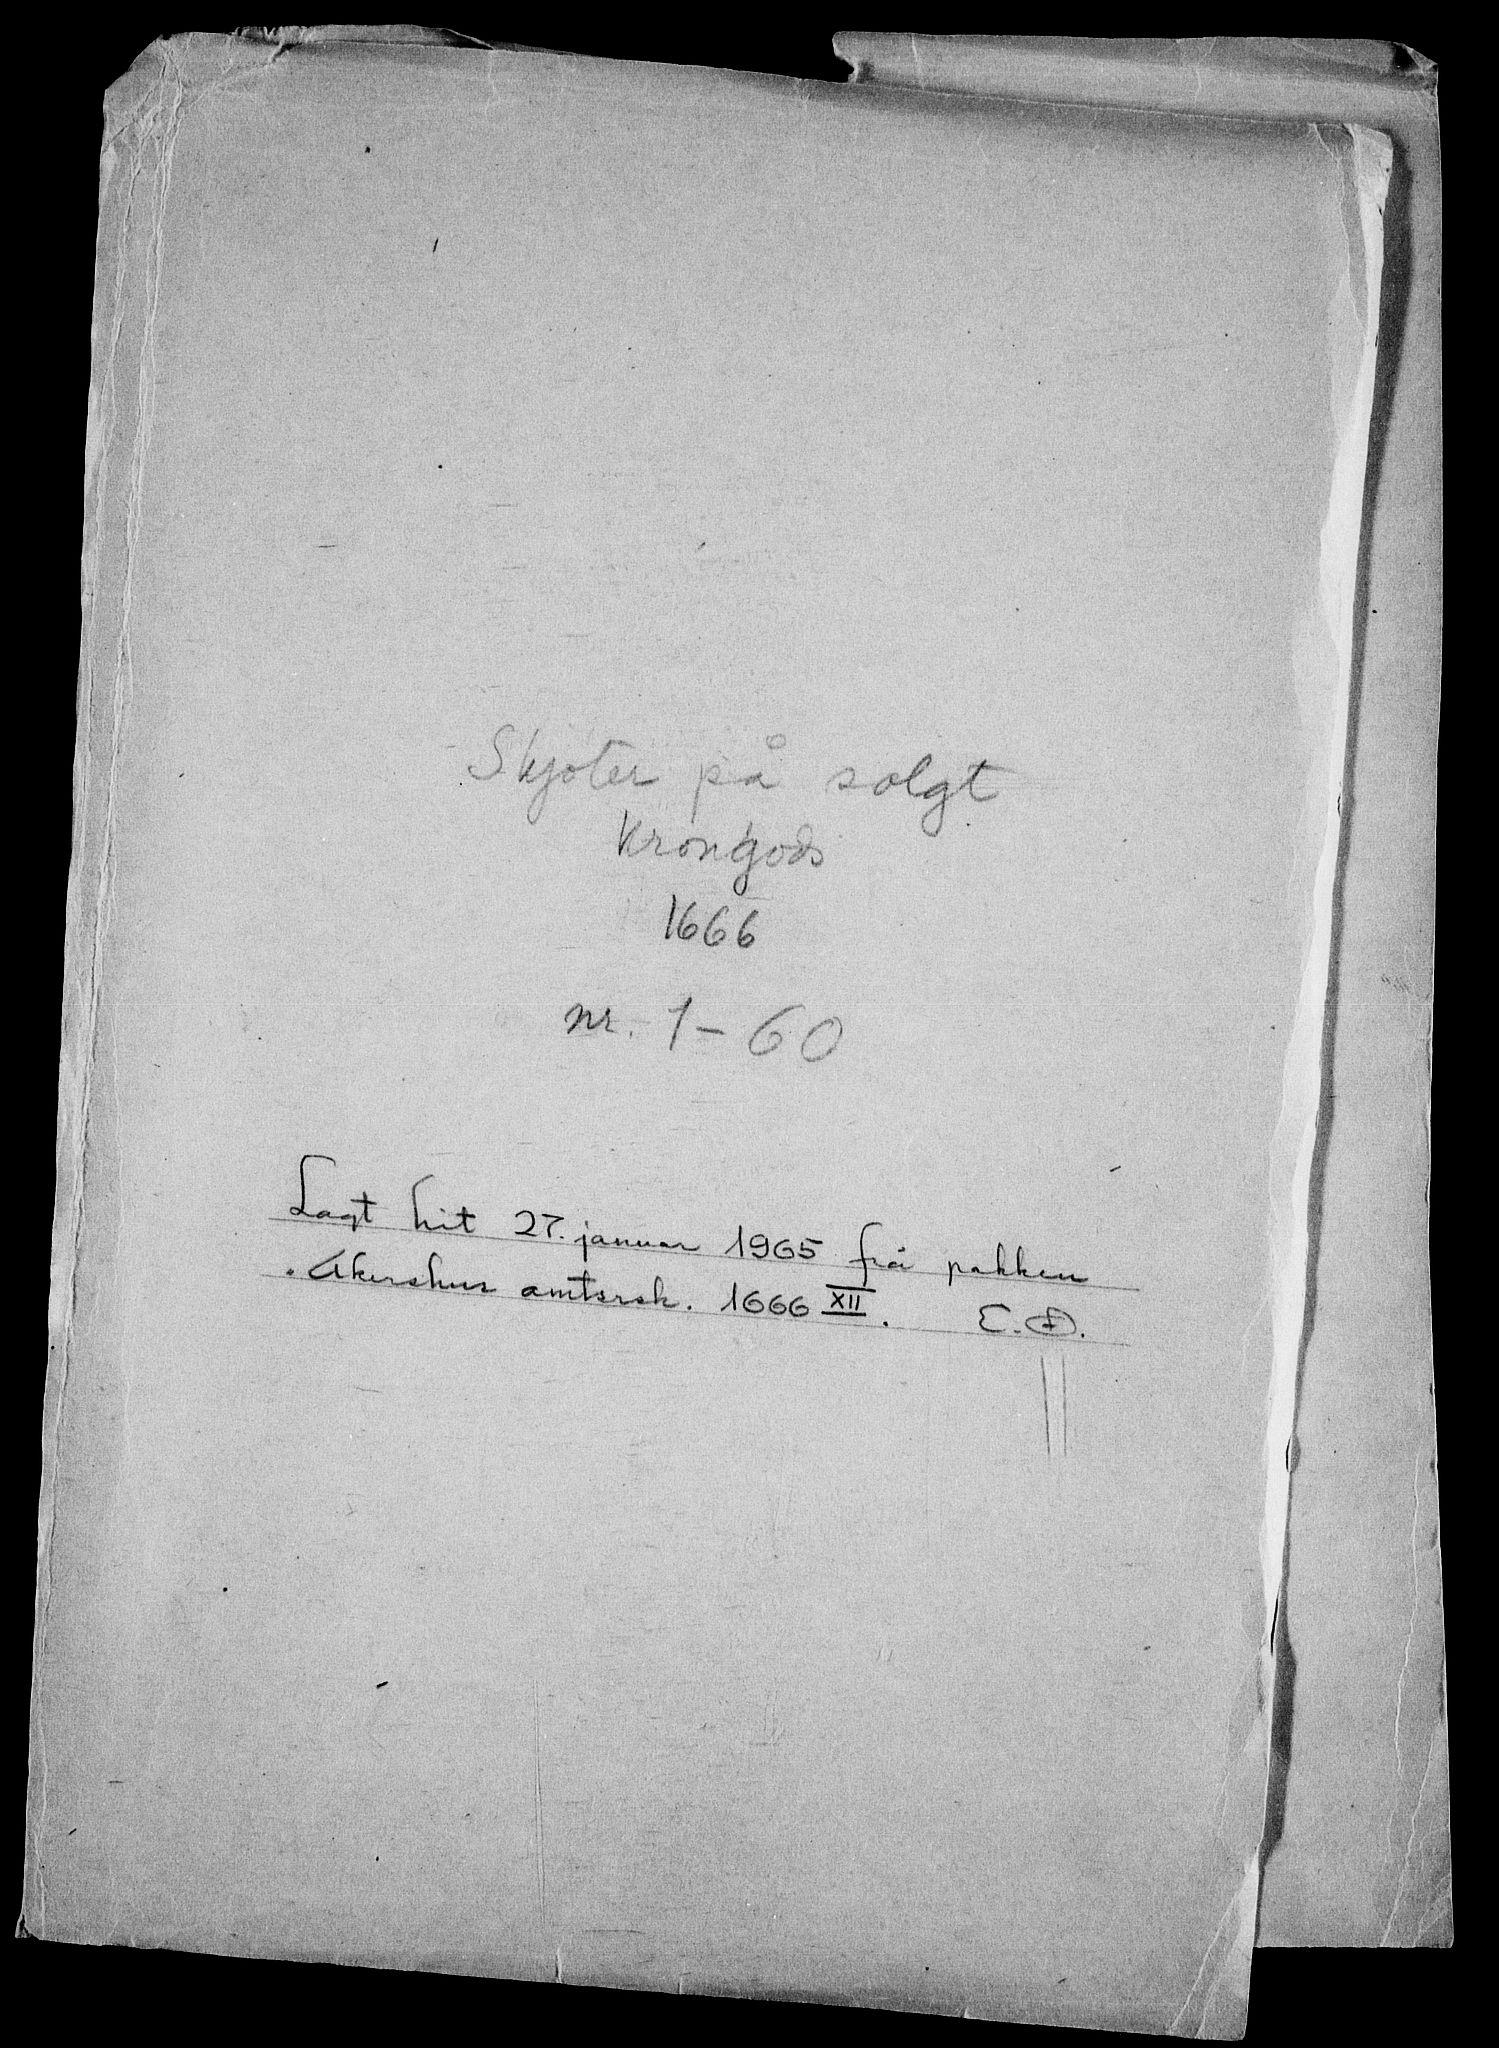 RA, Rentekammeret inntil 1814, Realistisk ordnet avdeling, On/L0010: [Jj 11]: Salg av krongods i Norge, 1661-1704, s. 240